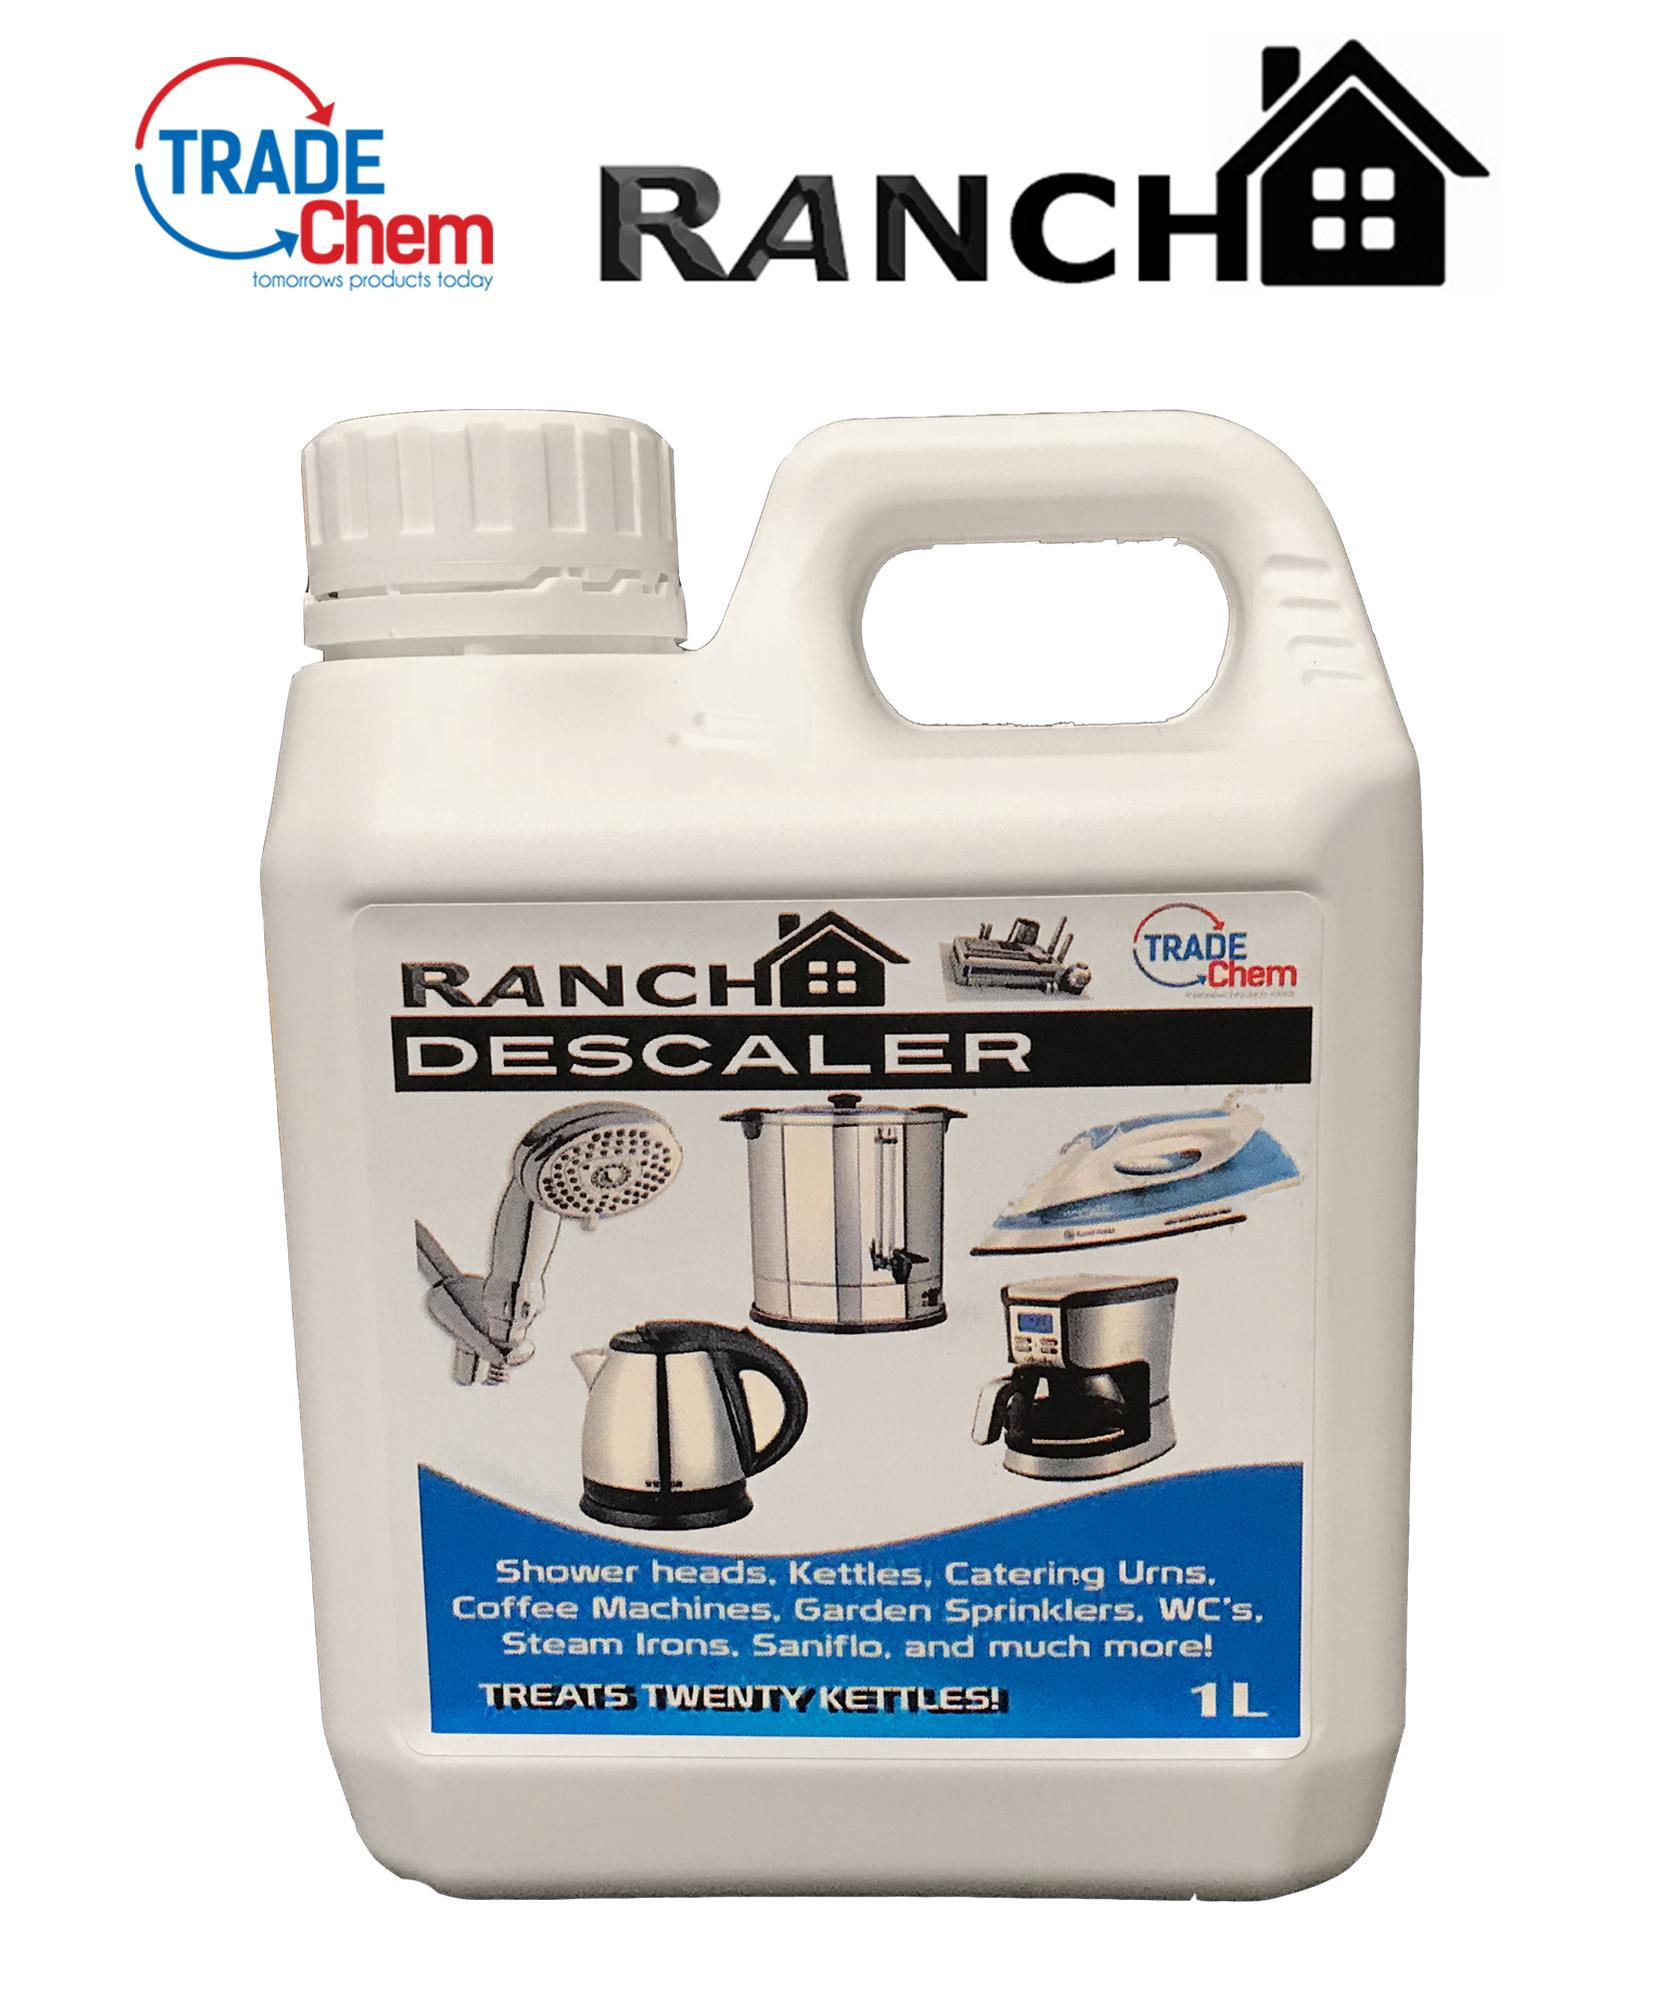 products-RANCH-Descaler-1L-Descaler